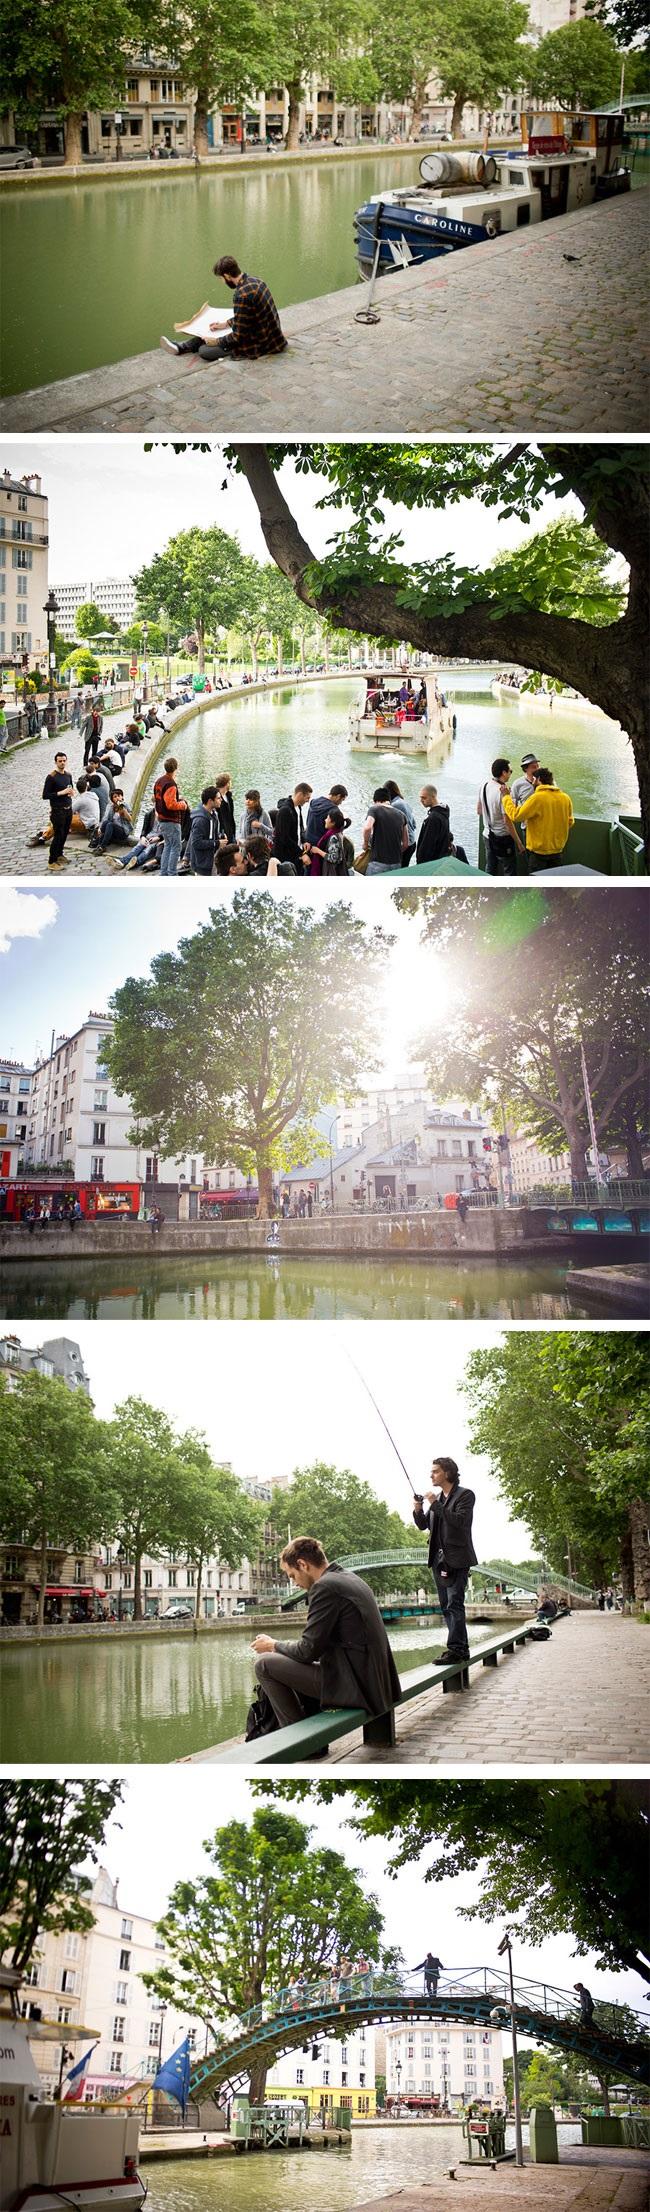 Uma visita ao Canal Saint-Martin